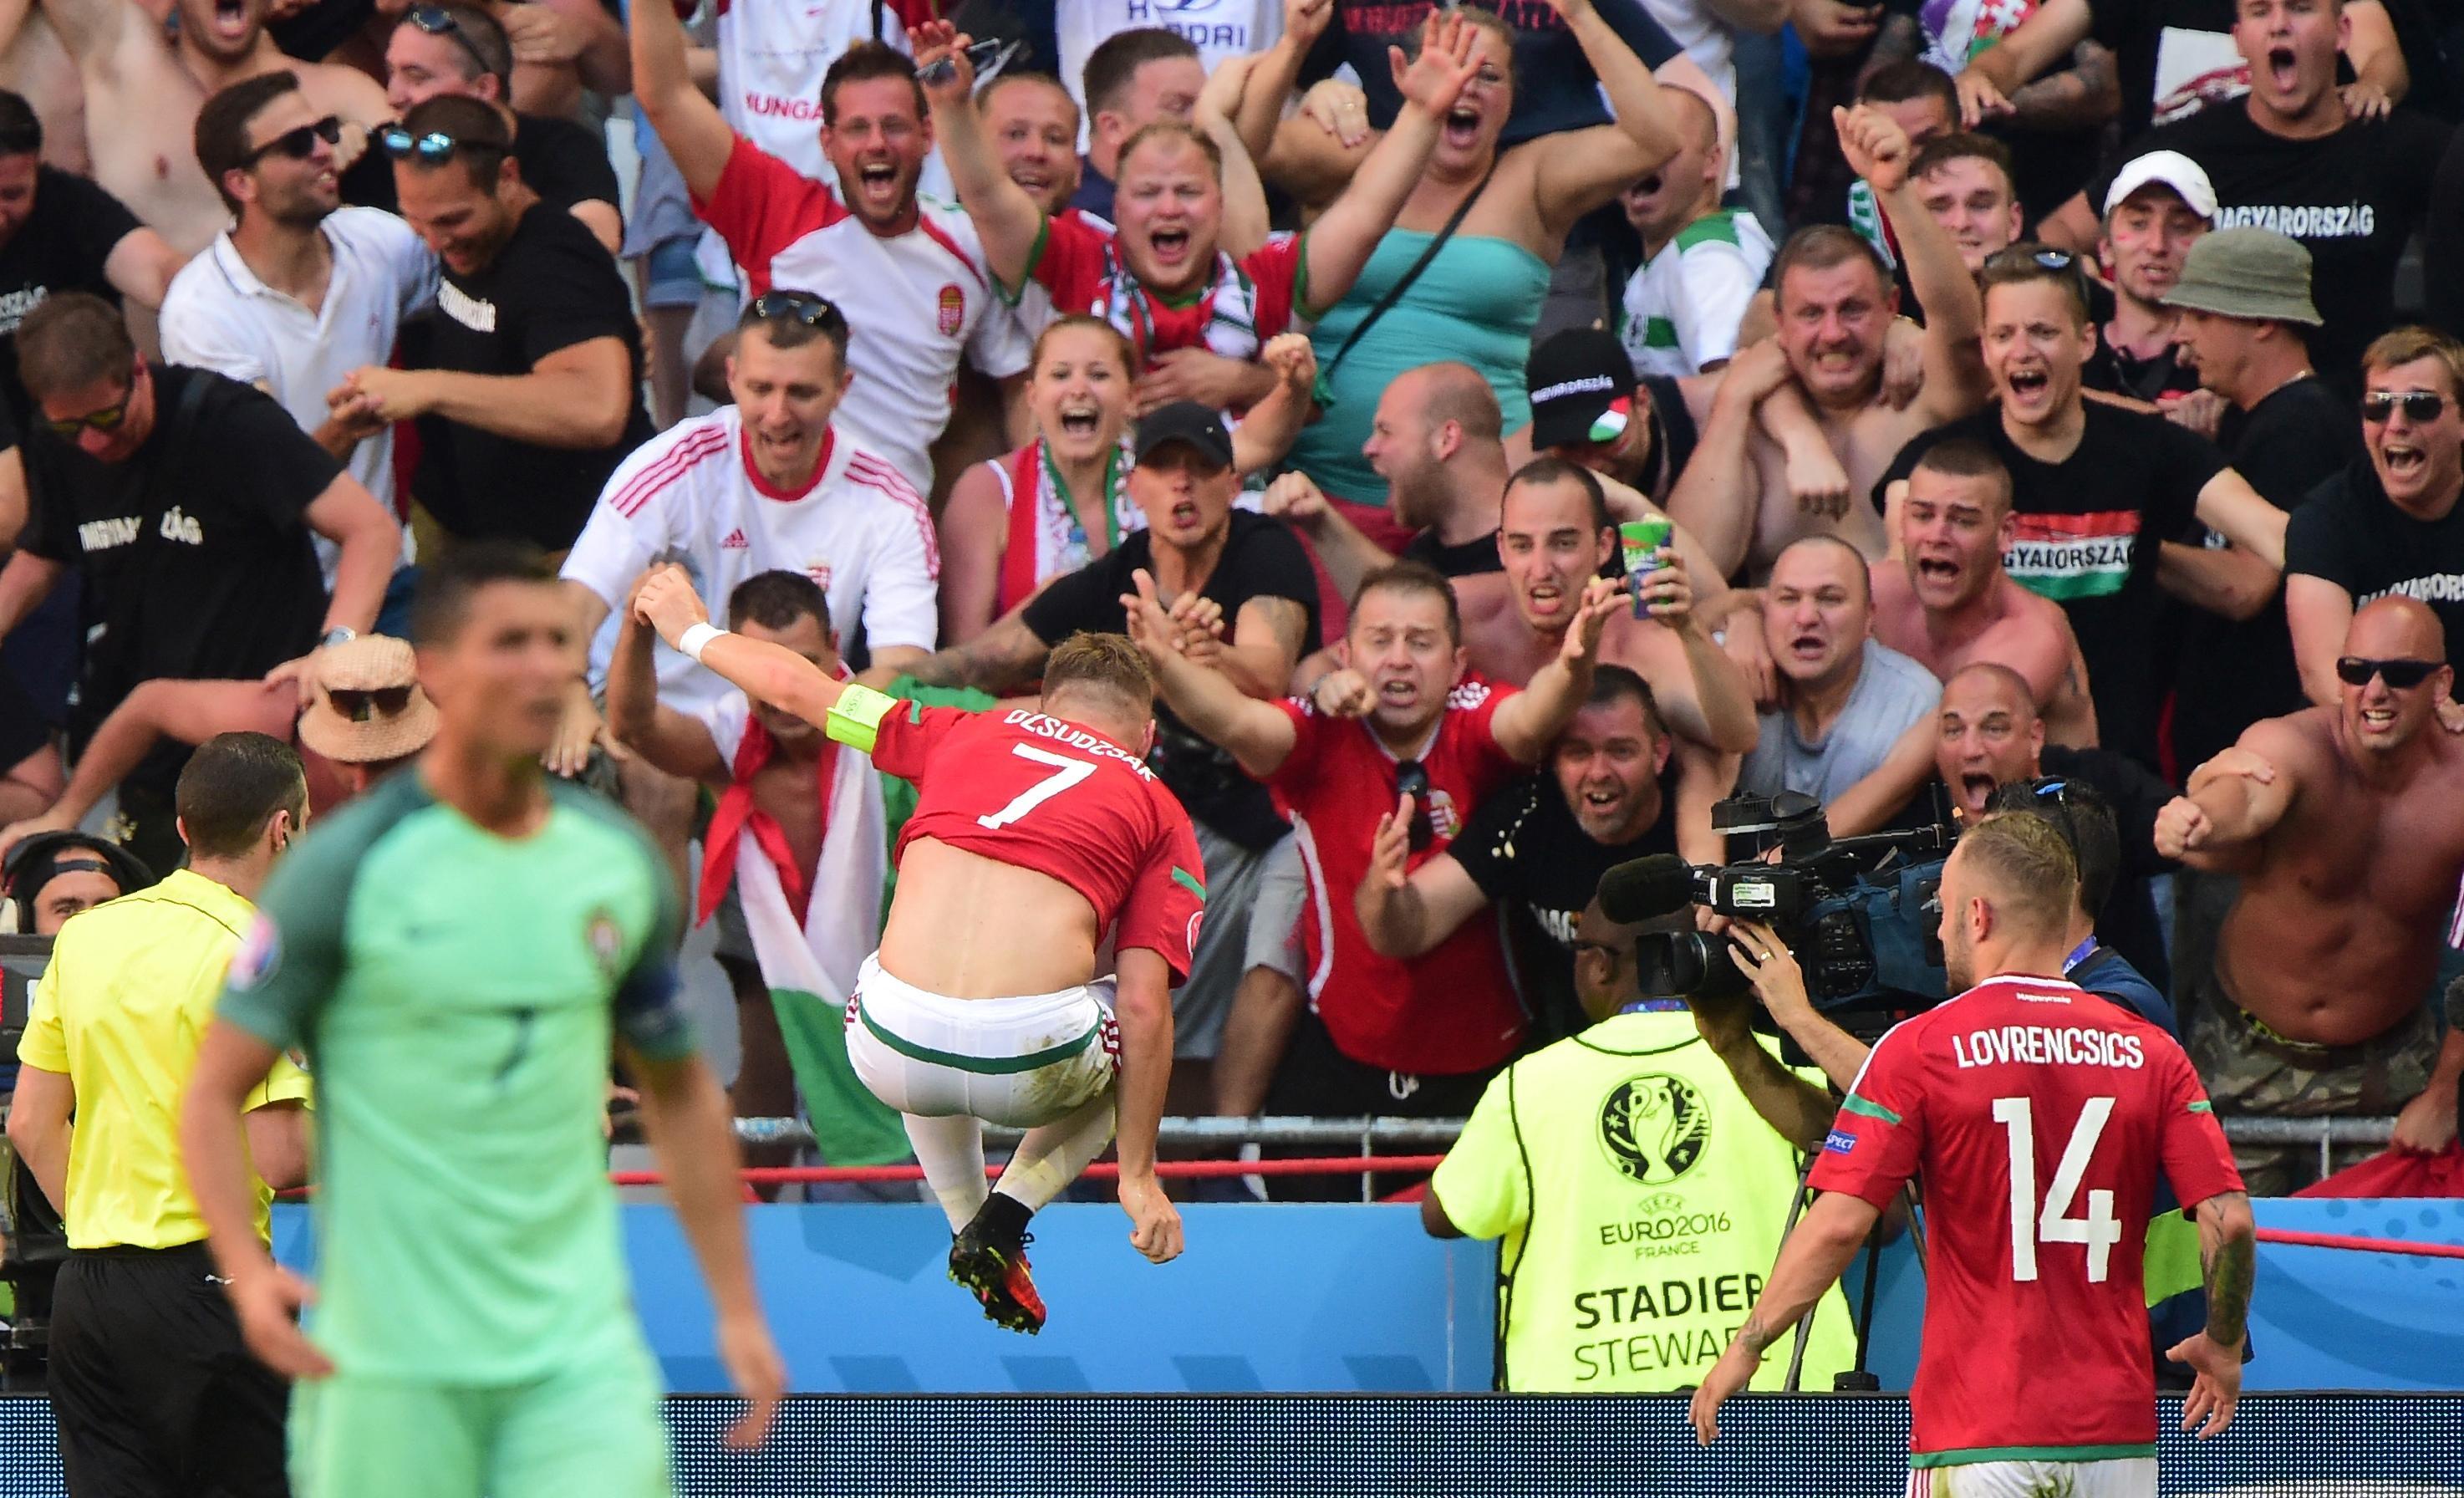 Als Duitsland van Hongarije wint, gaat Portugal waarschijnlijk door. Ronaldo en co weten sinds 2016 dat je de Hongaren nooit moet onderschatten